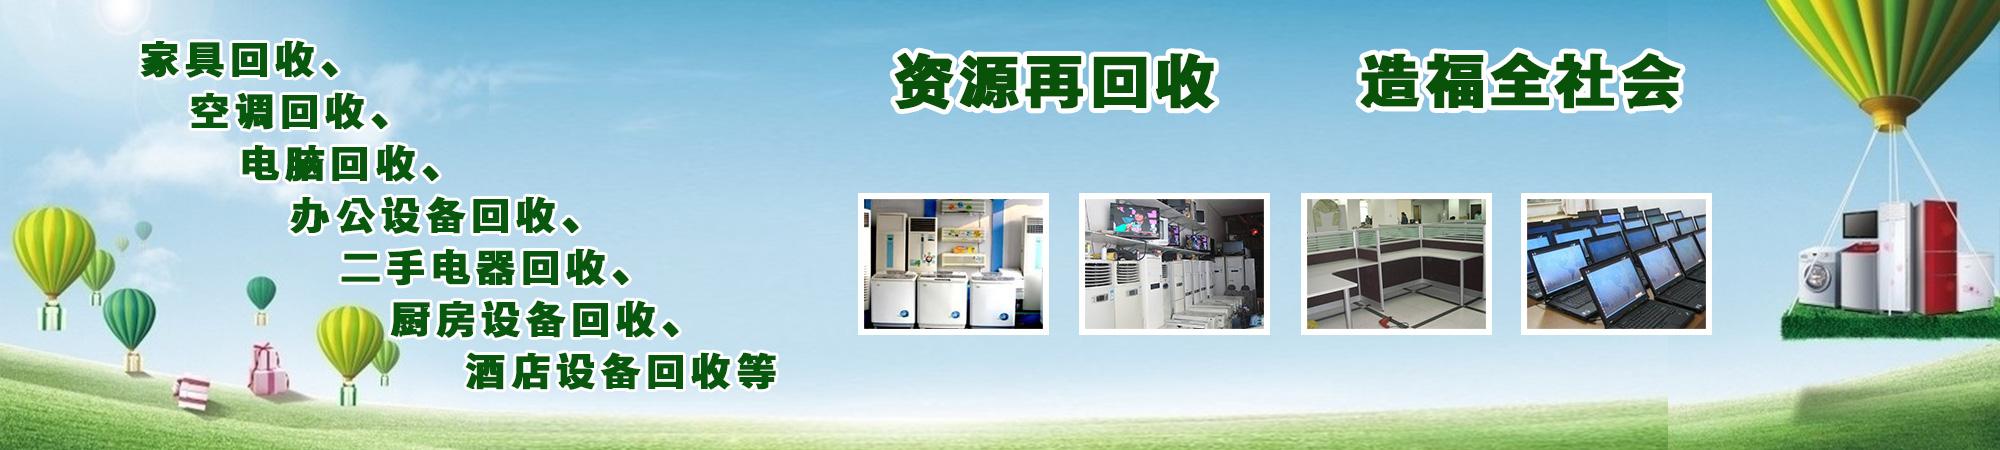 北京家具回收,办公家具回收,厨房设备回收